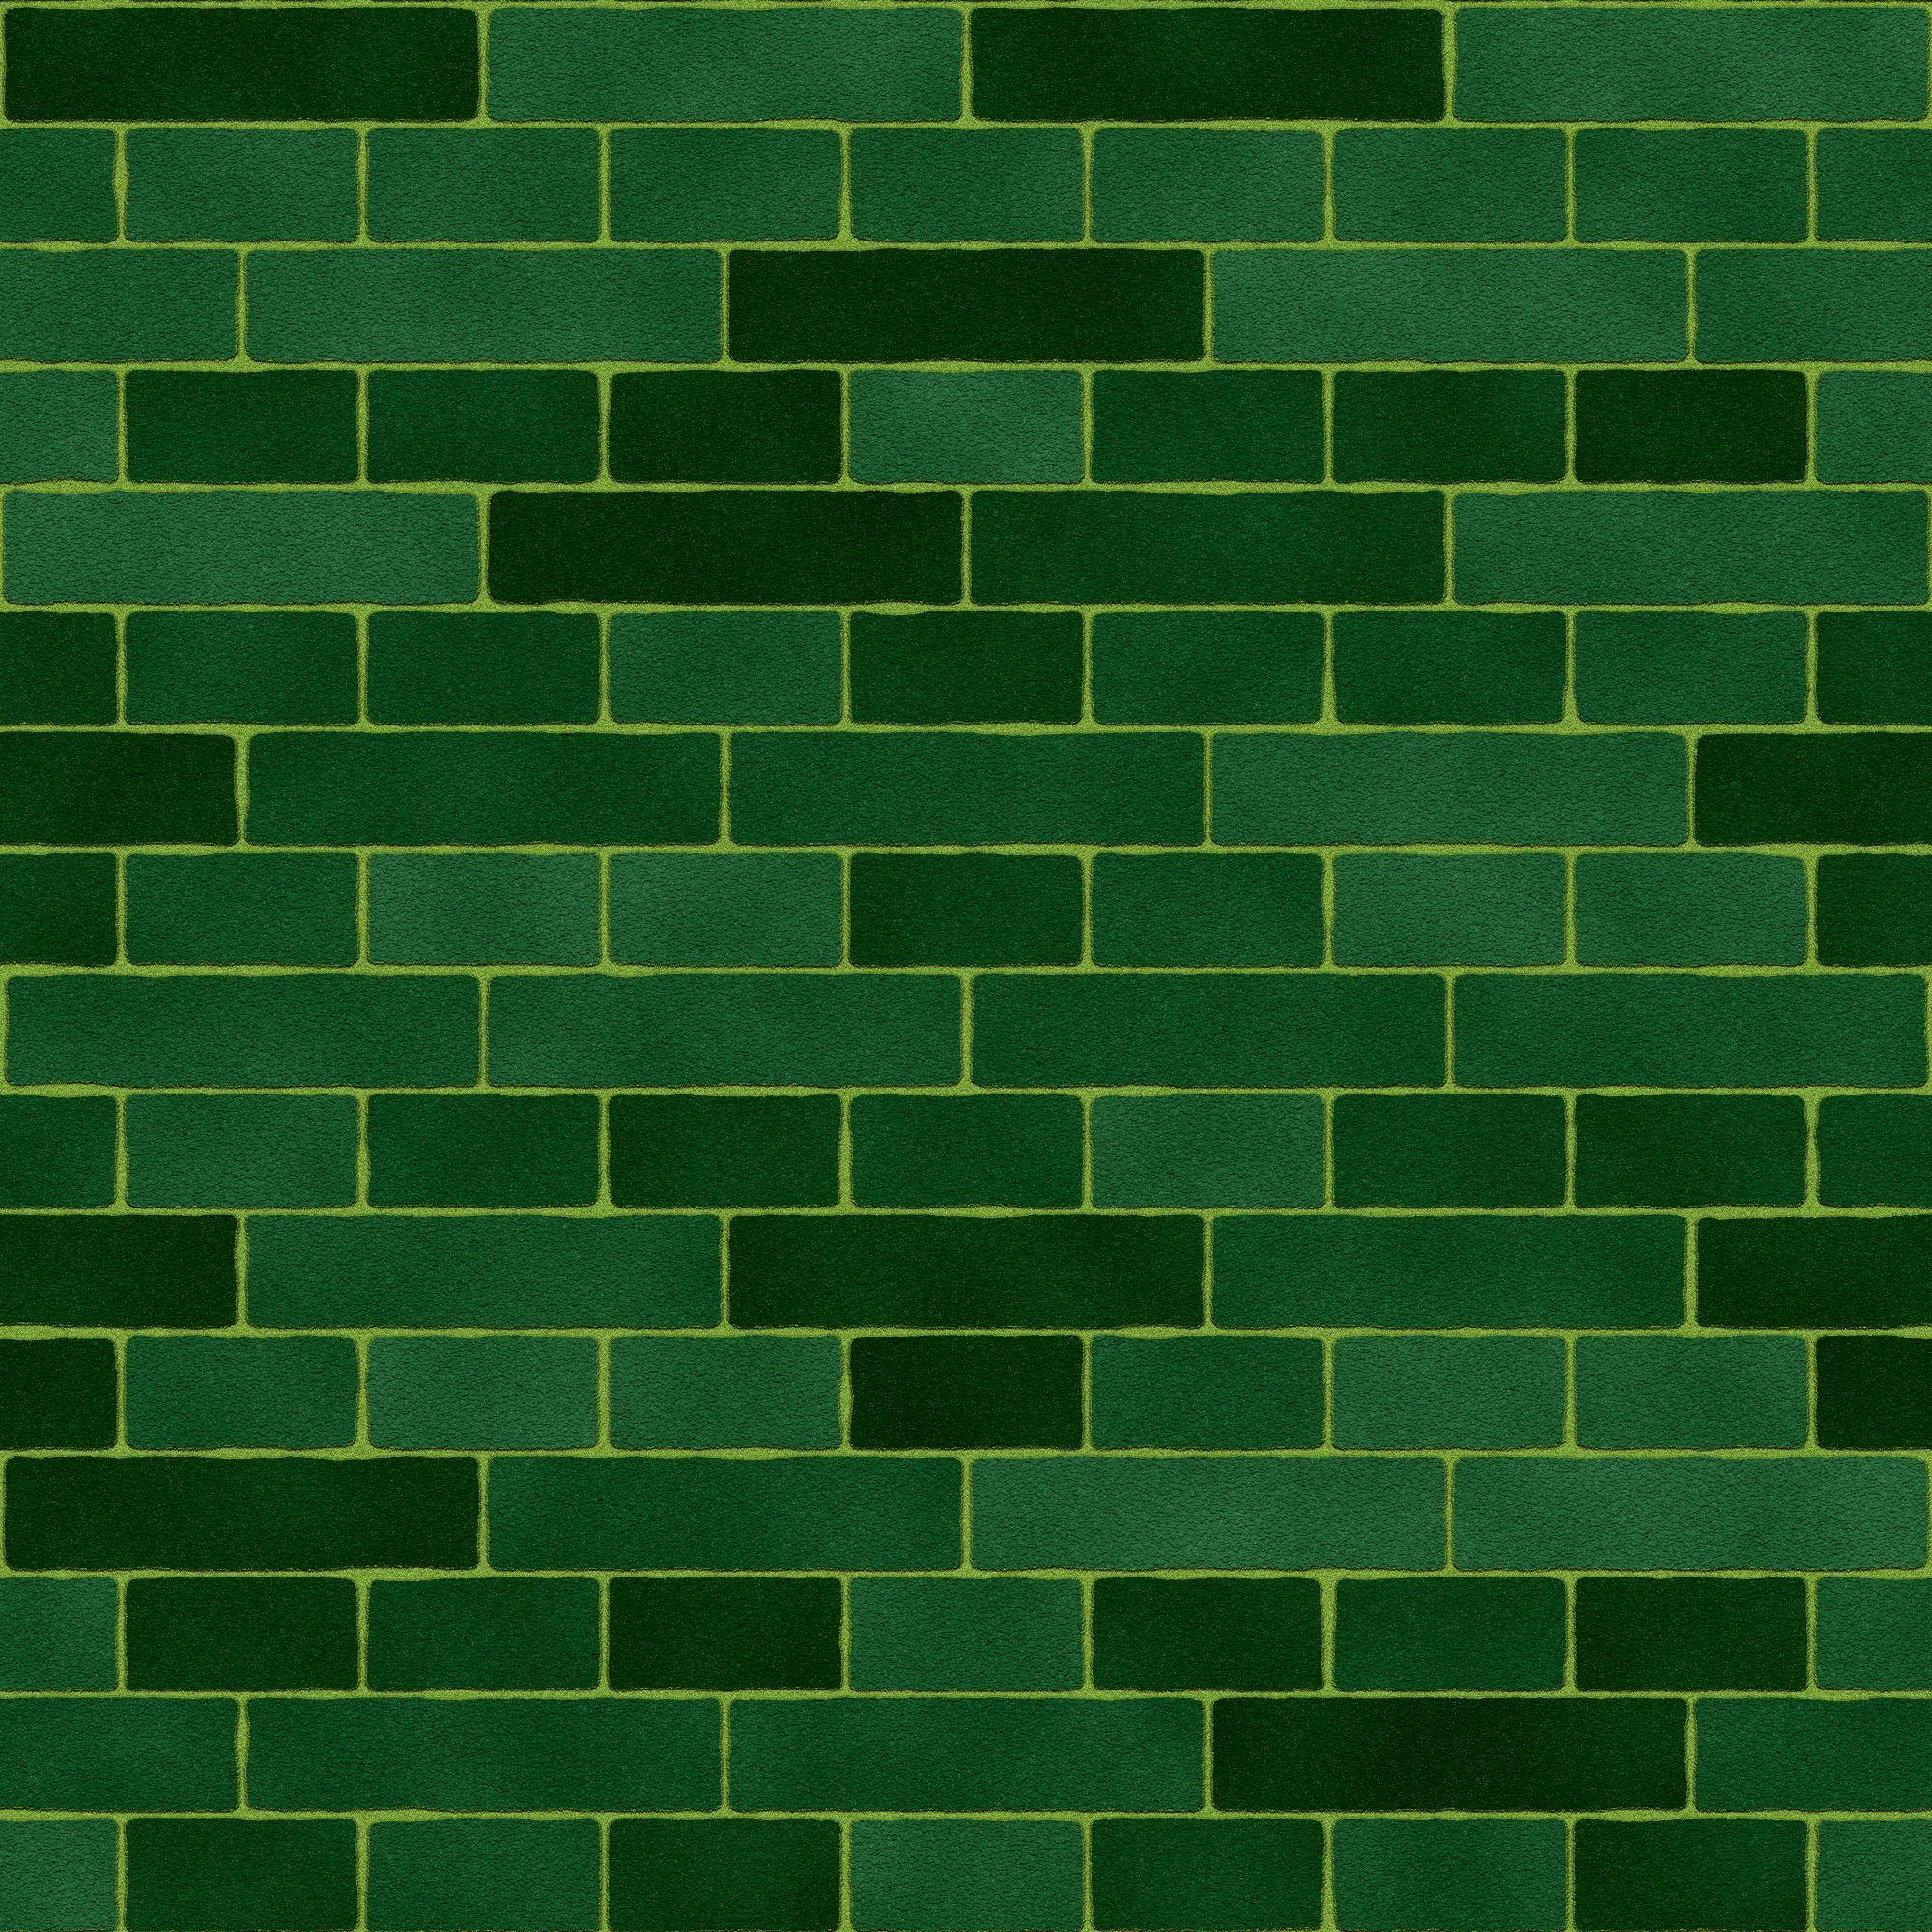 green bricks green brick wall texture, green brick wall